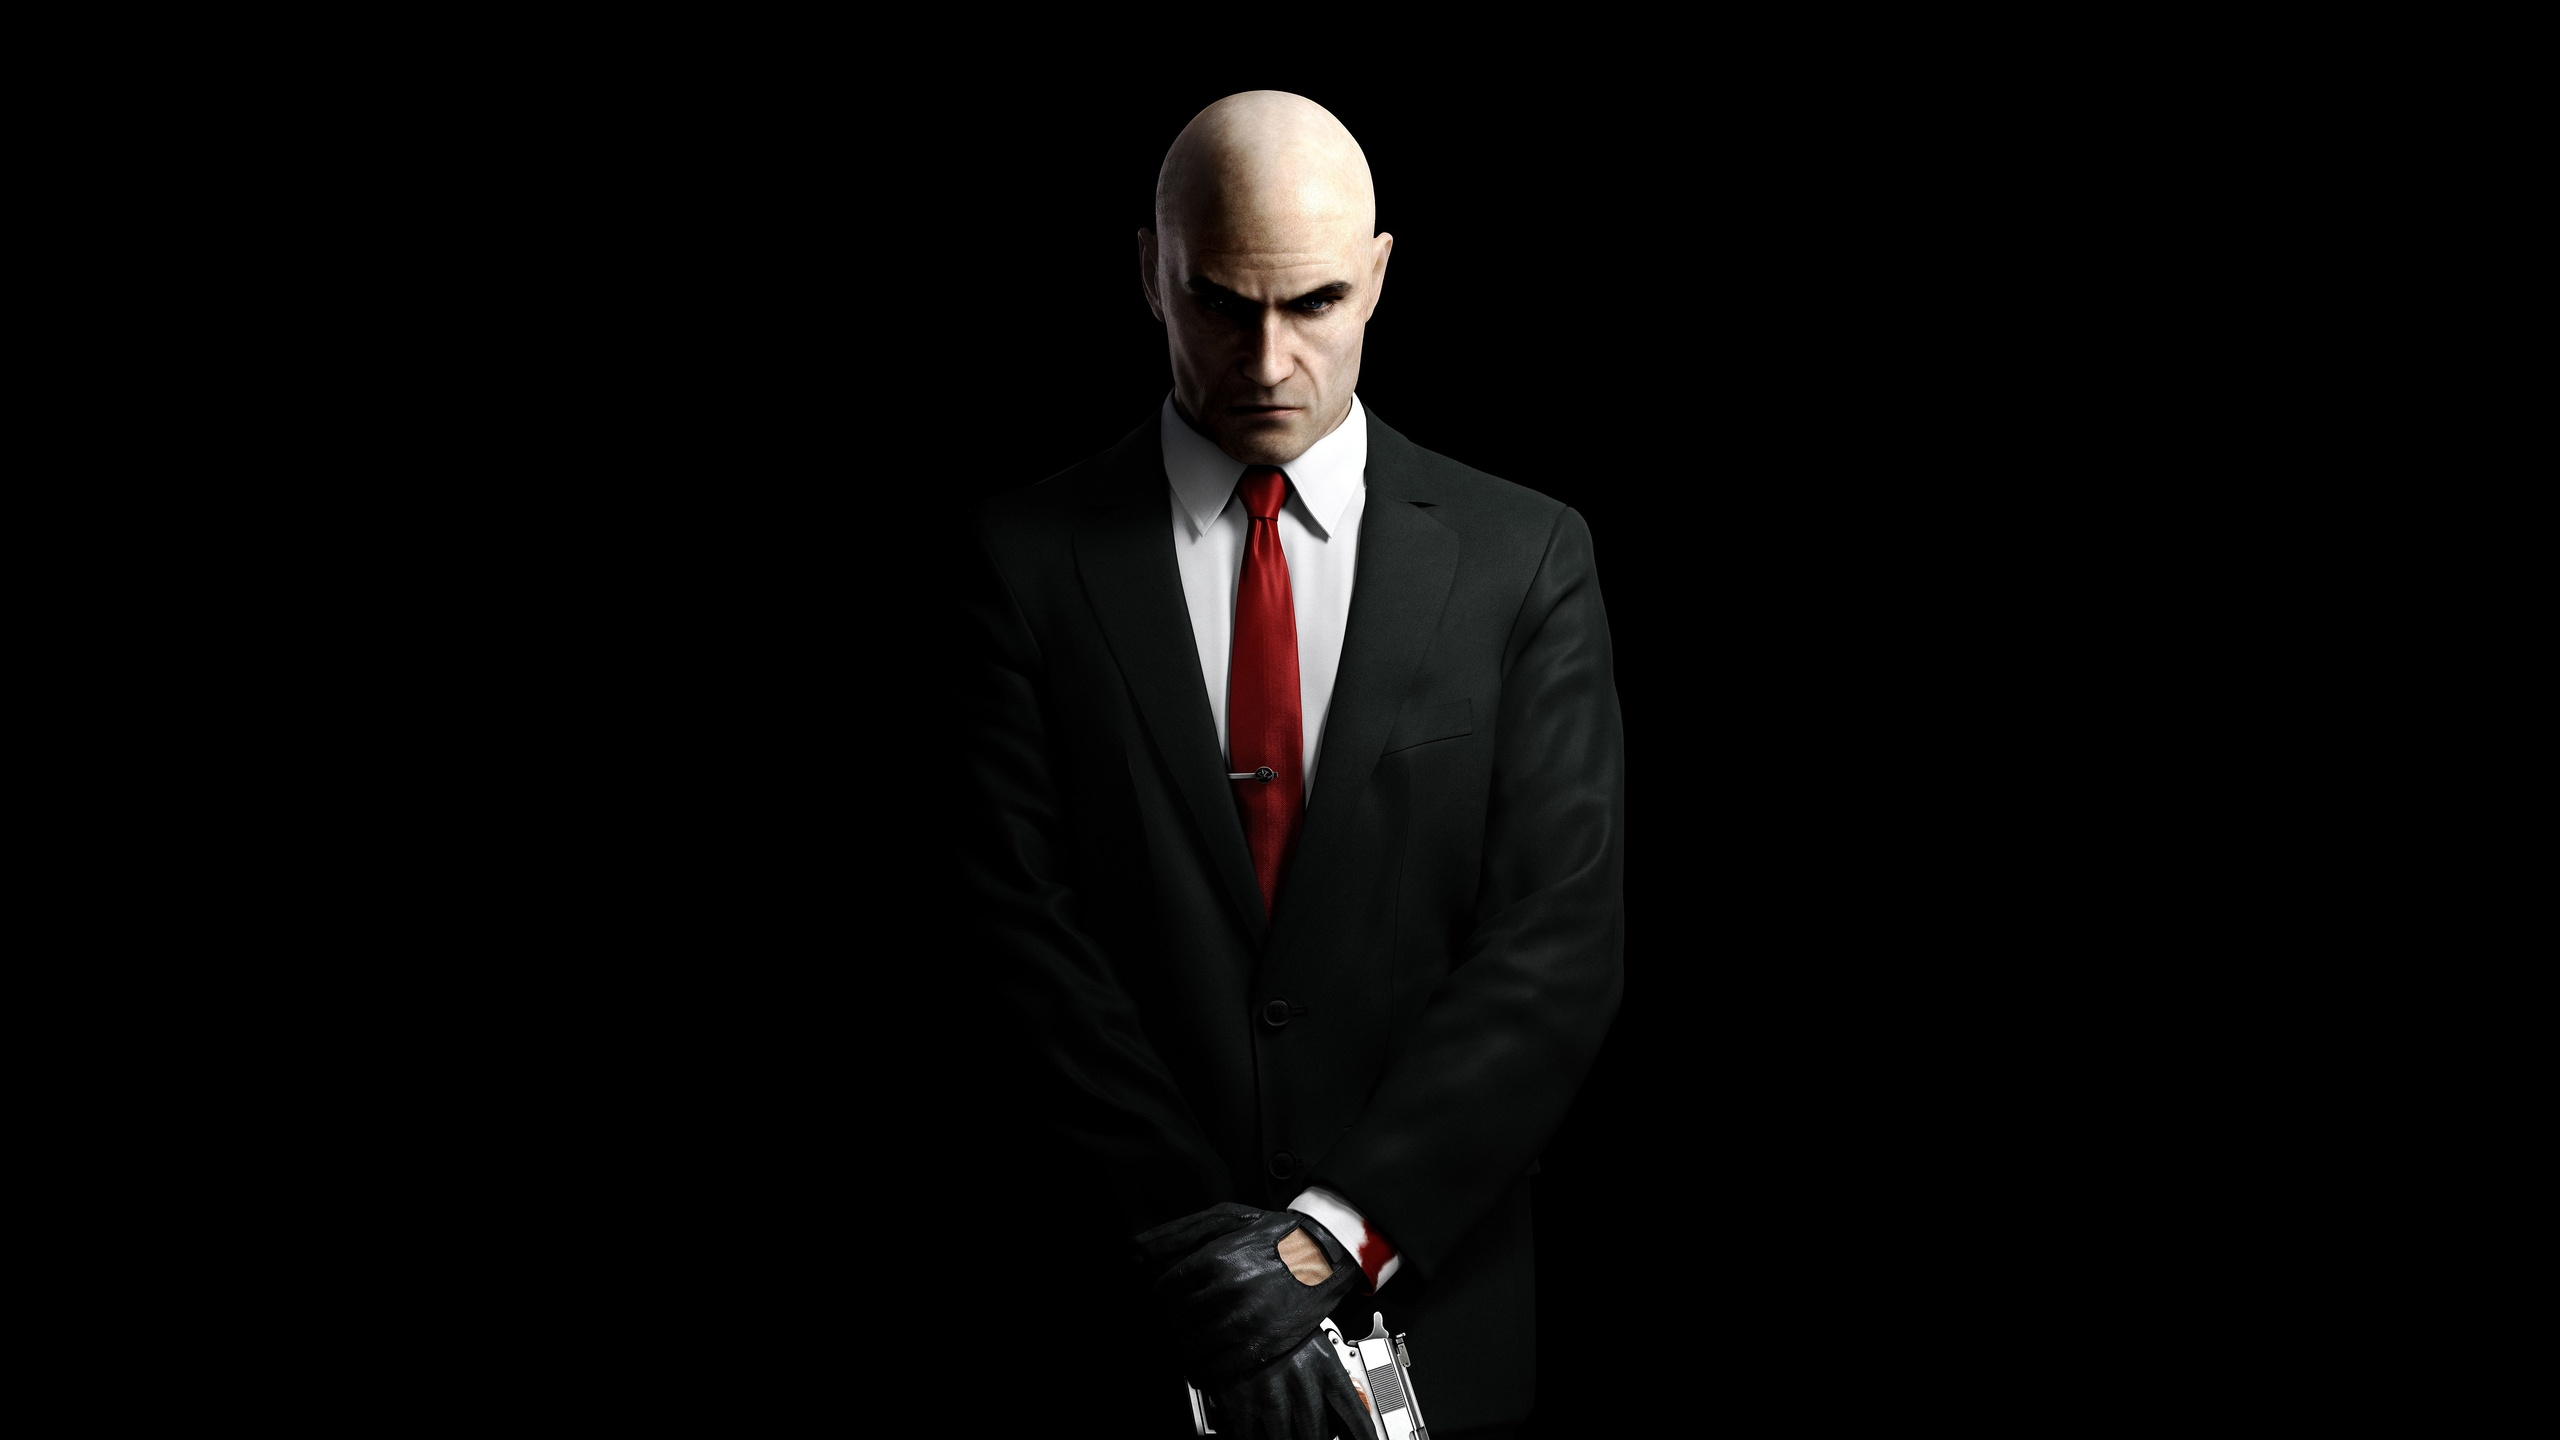 hitman, наёмник, агент 47, киллер, ,47-ой, hitman absolution, 47, наёмный убийца, оружие, пистолет